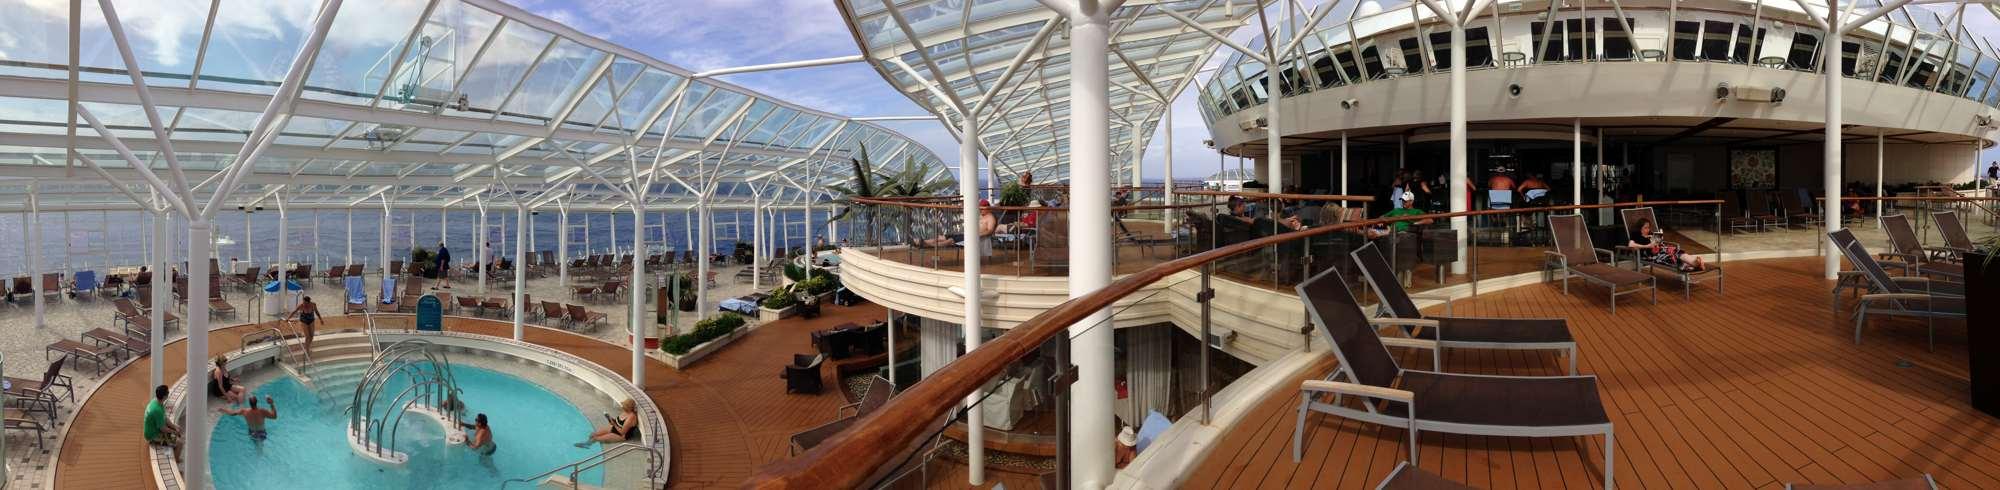 The solarium Cafe below, Solarium bar above, pool allinside the Solarium